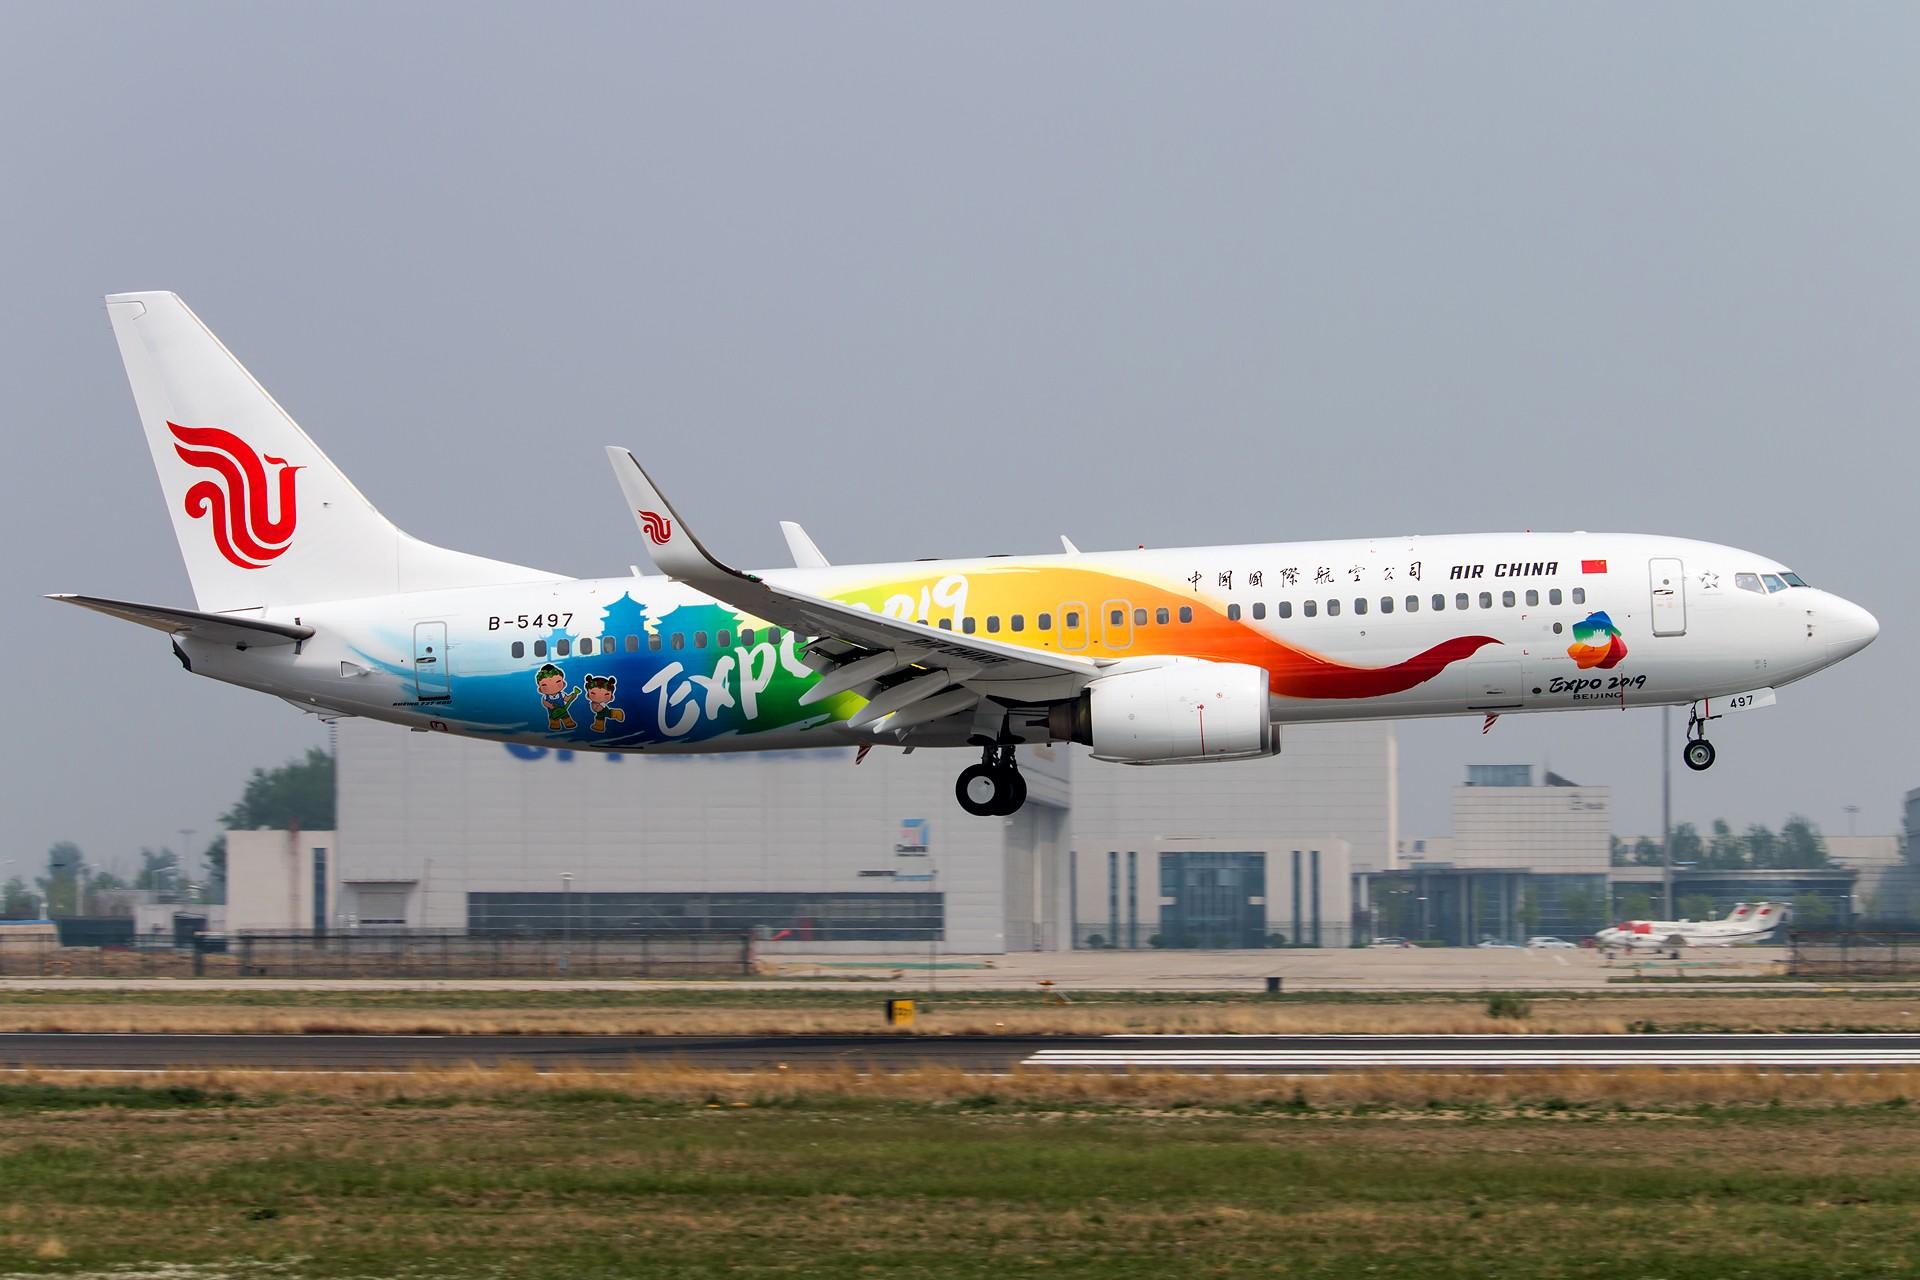 [一图党] 中国国际航空 EXPO 2019 Beijing彩绘机 1920*1280 BOEING 737-800 B-5497 中国北京首都国际机场